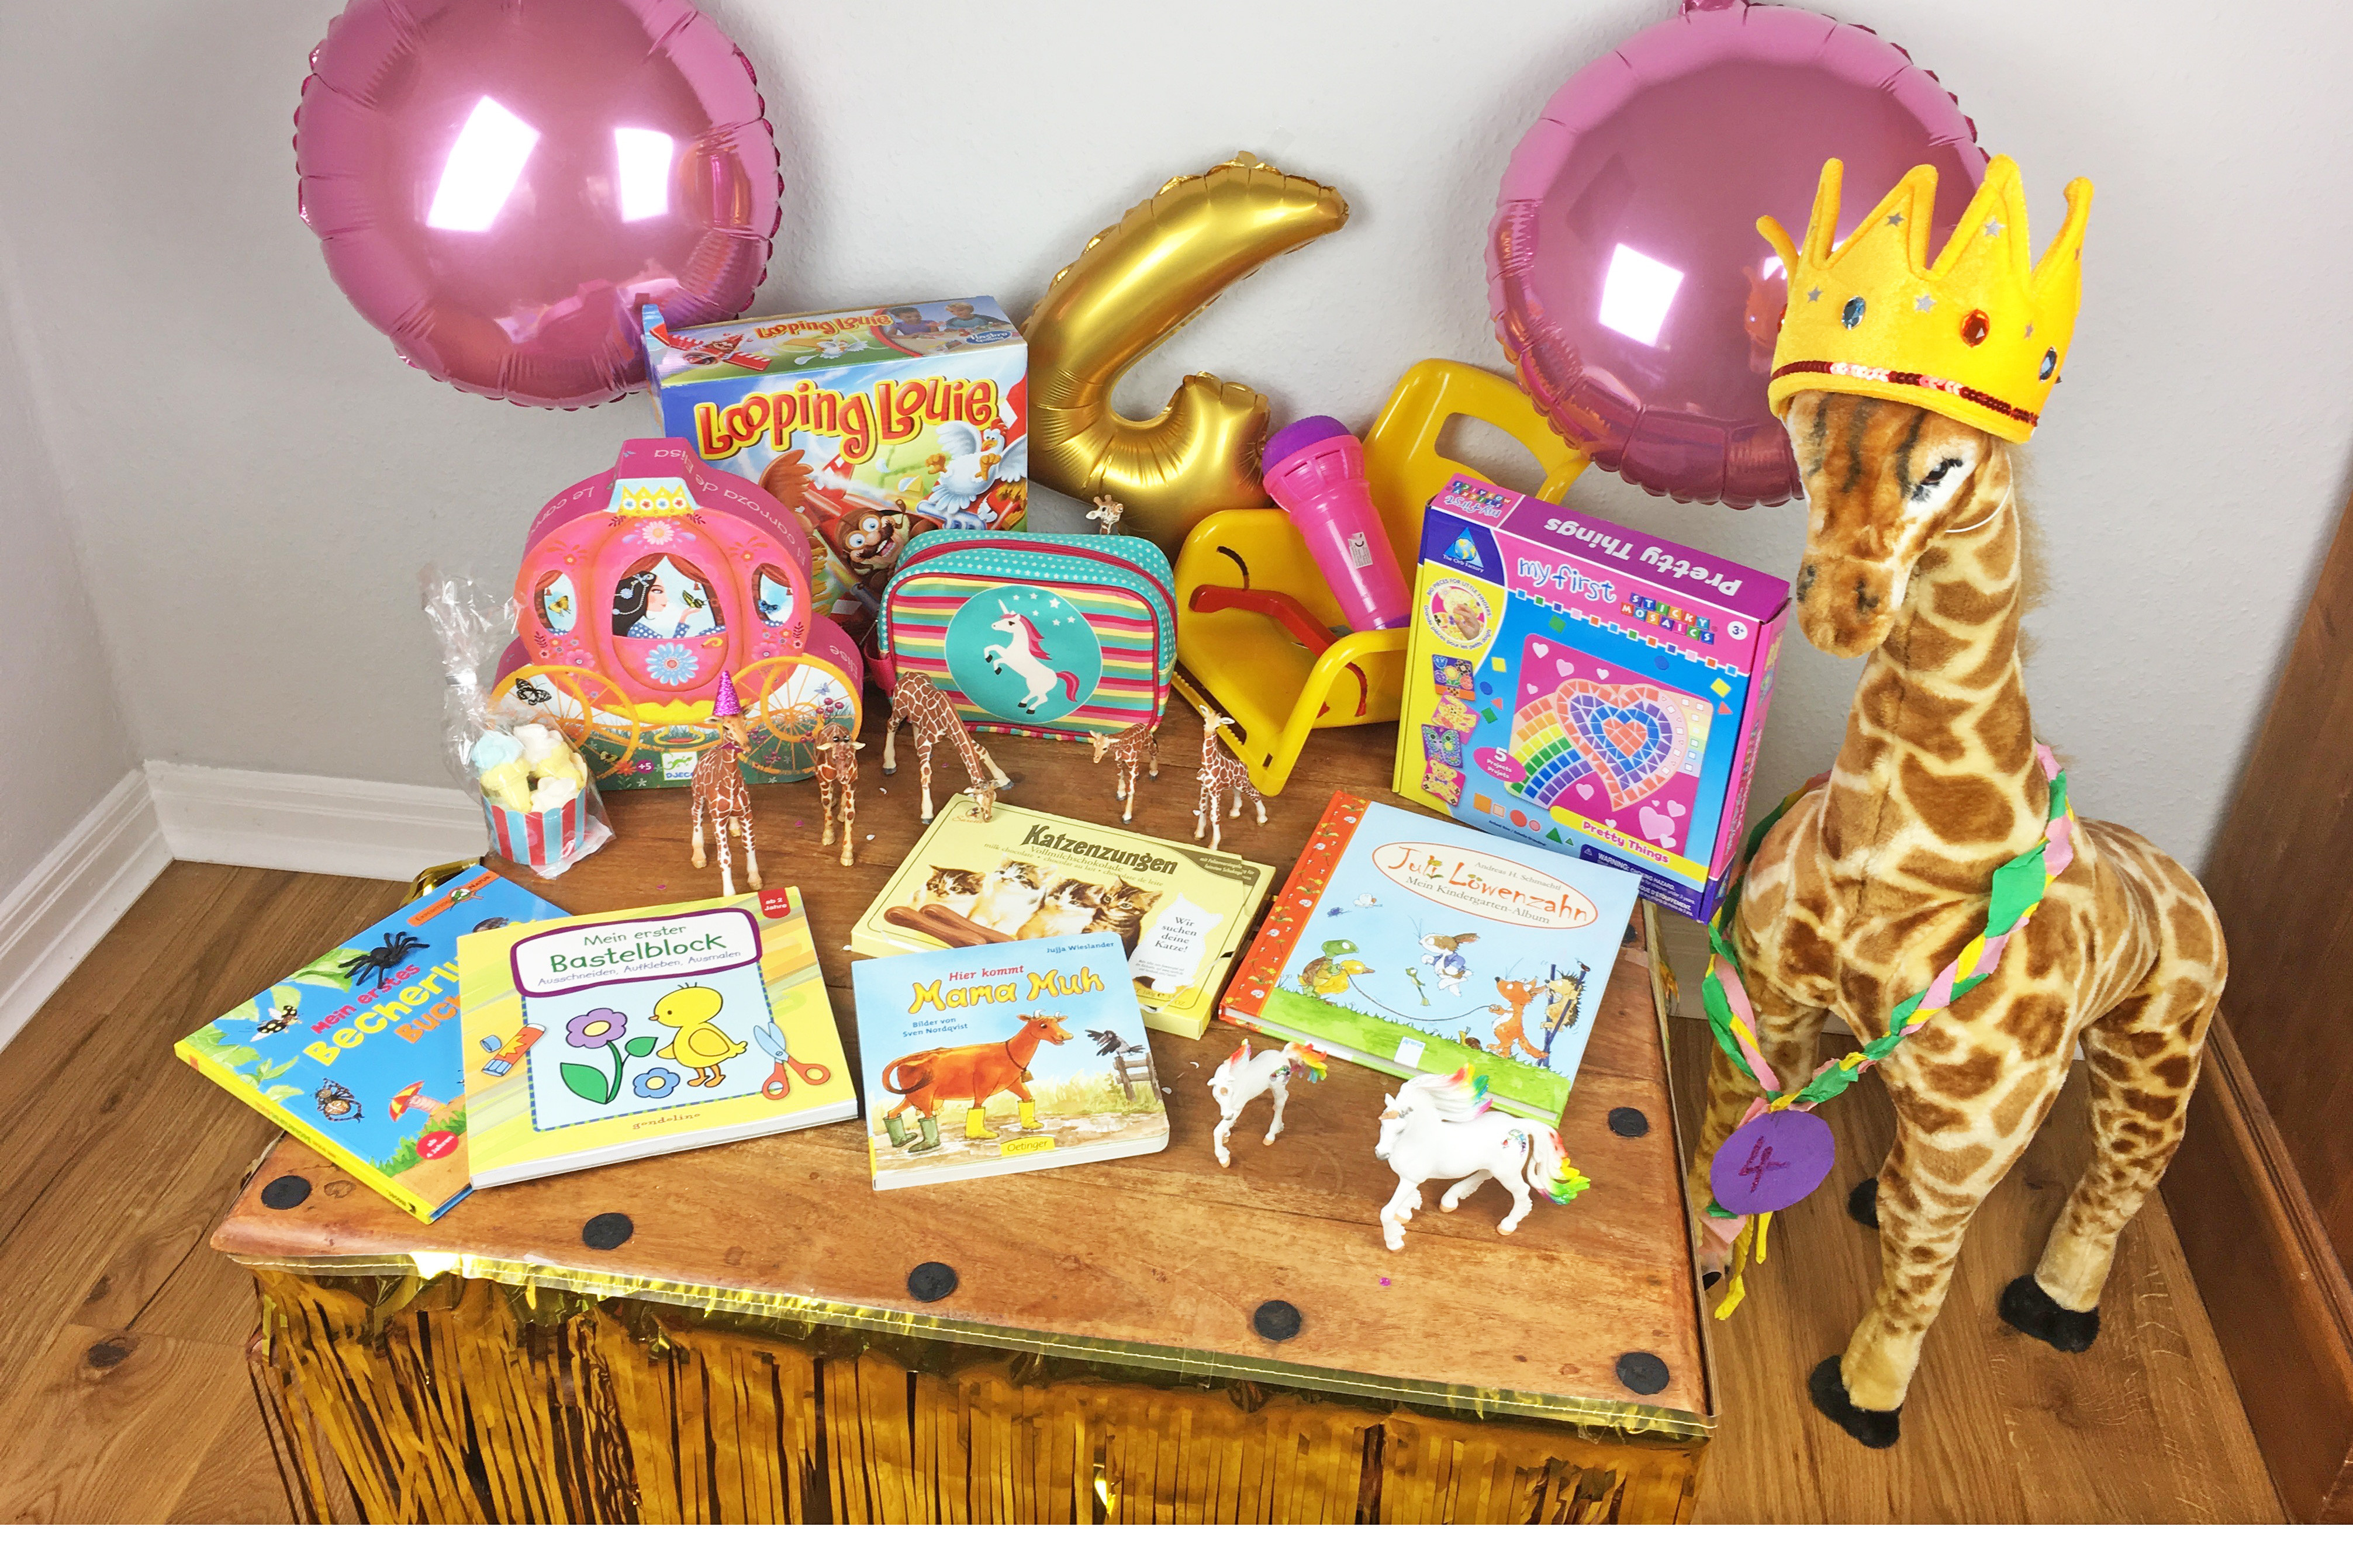 Geschenke Für 11-12 Jährige Mädchen  Schöne Geschenke zum 4 Geburtstag Mädchenmutter